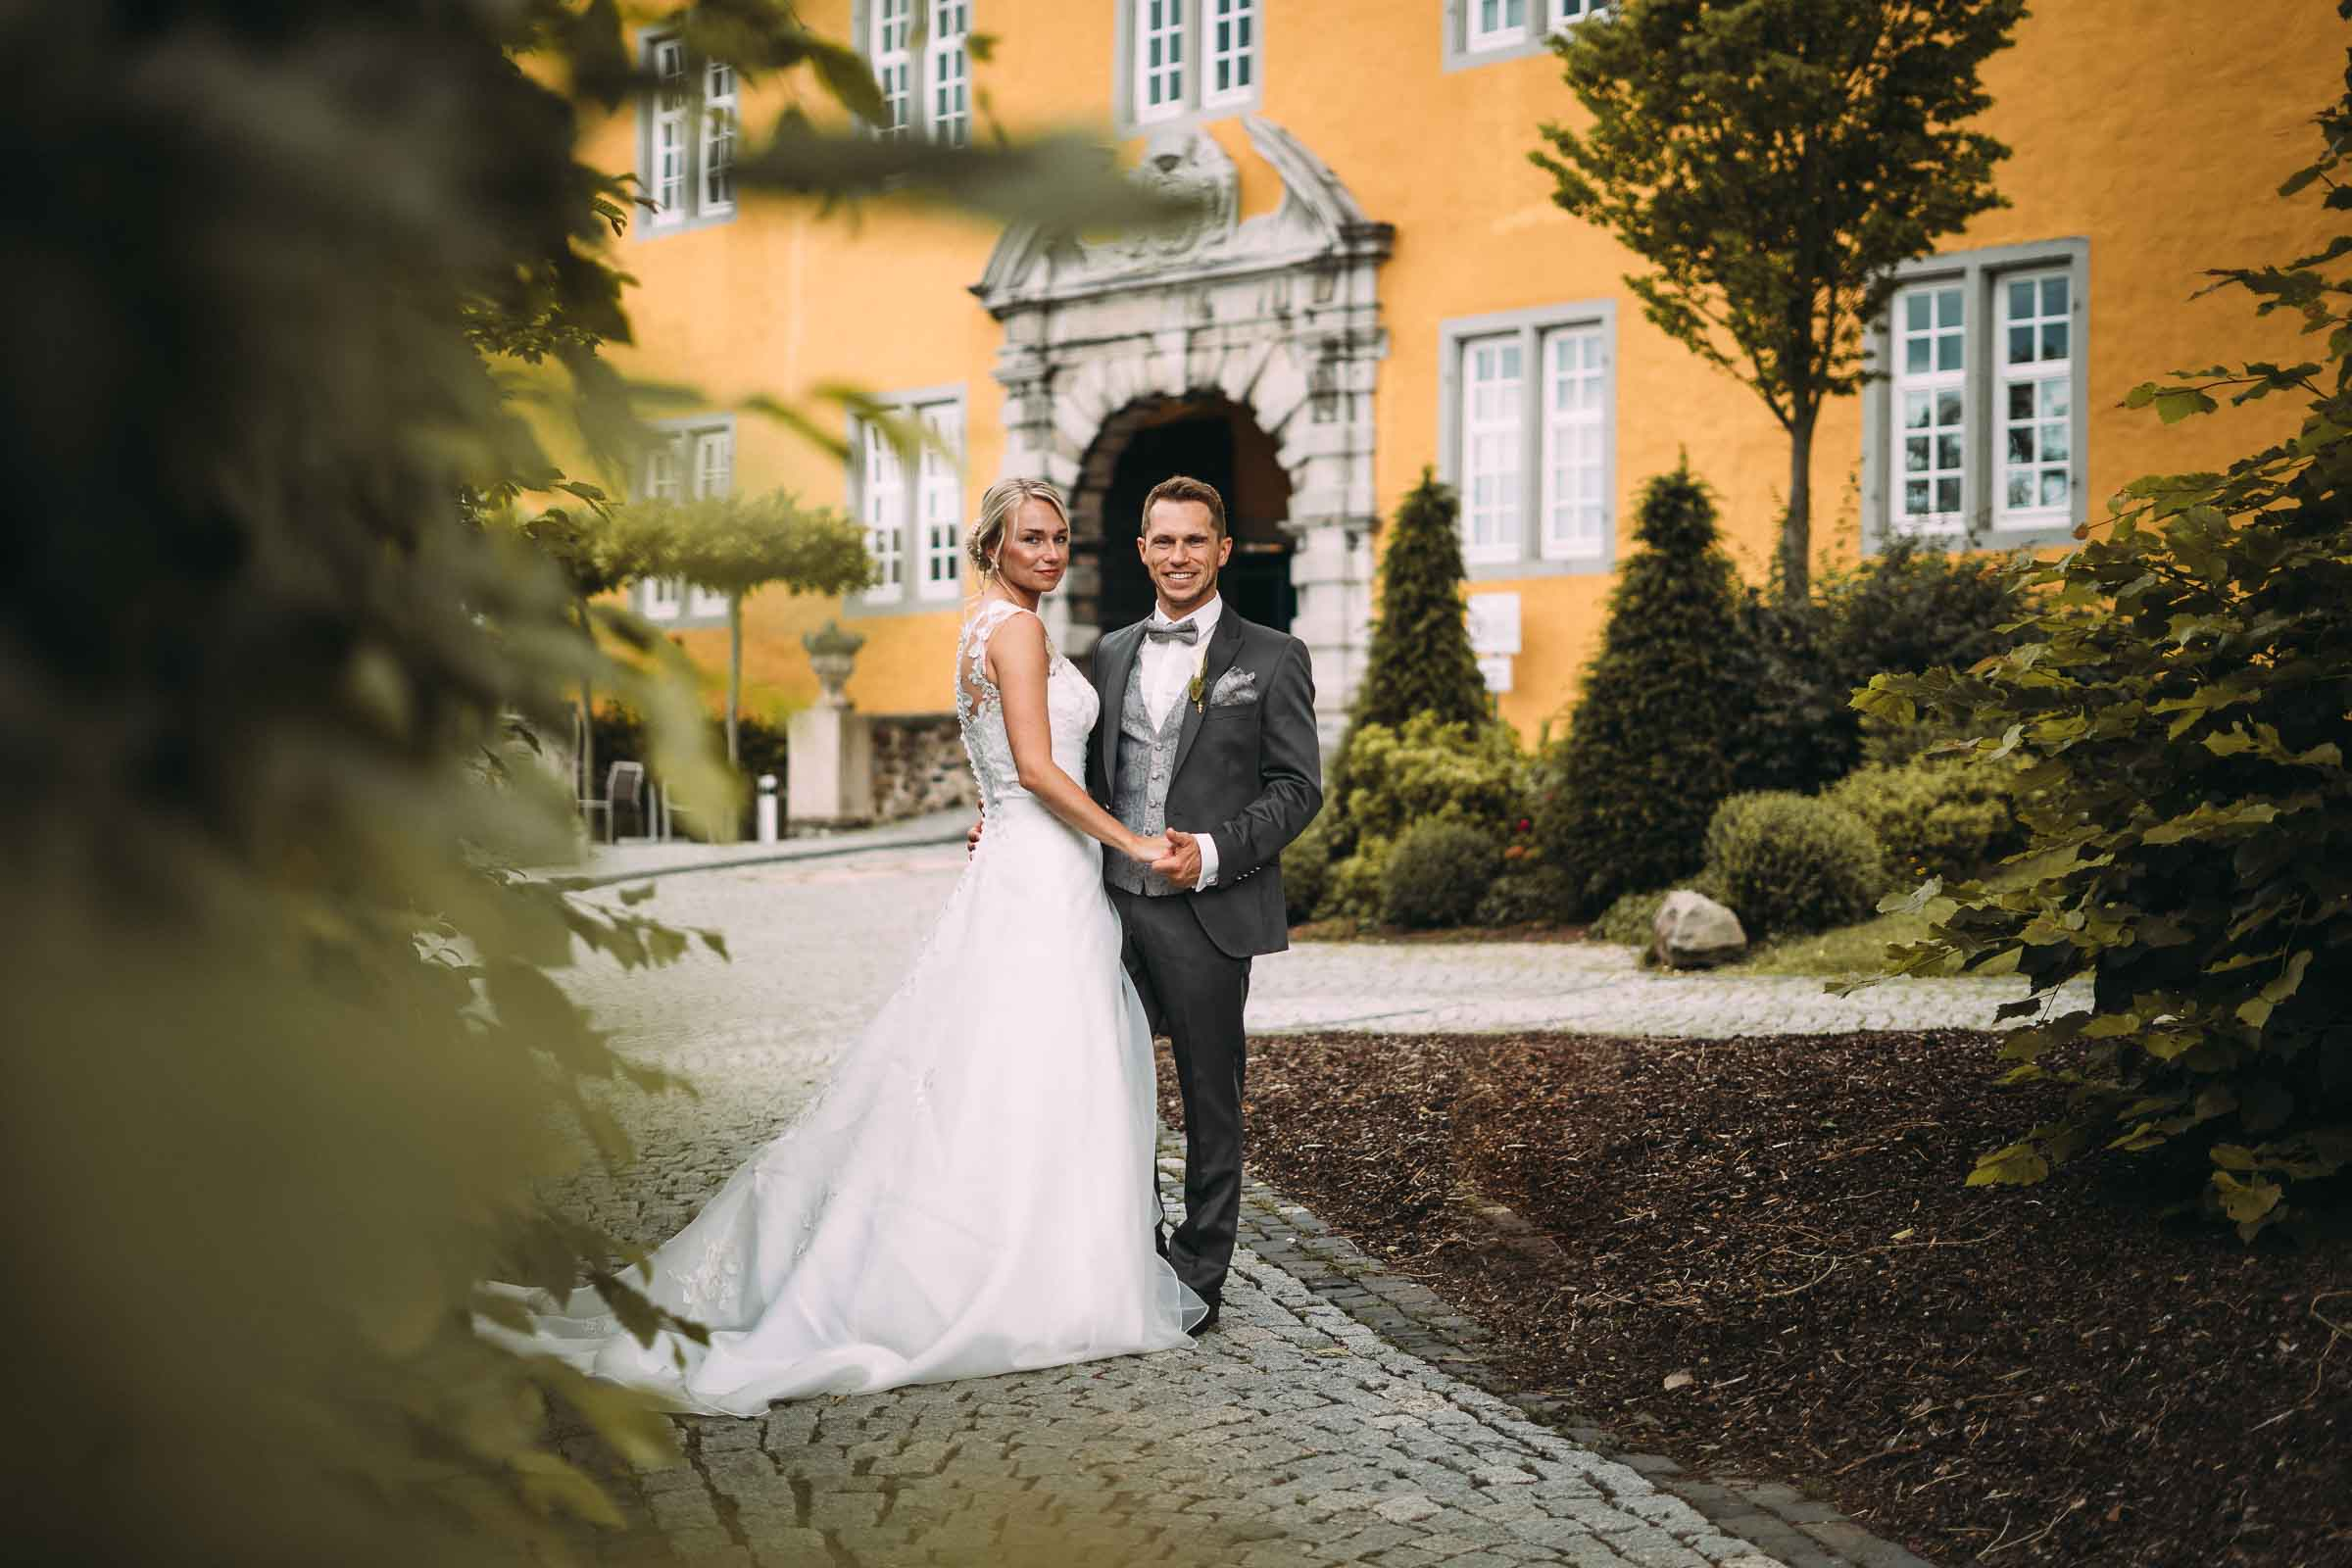 Das Brautpaar posiert vor einem Schloss.